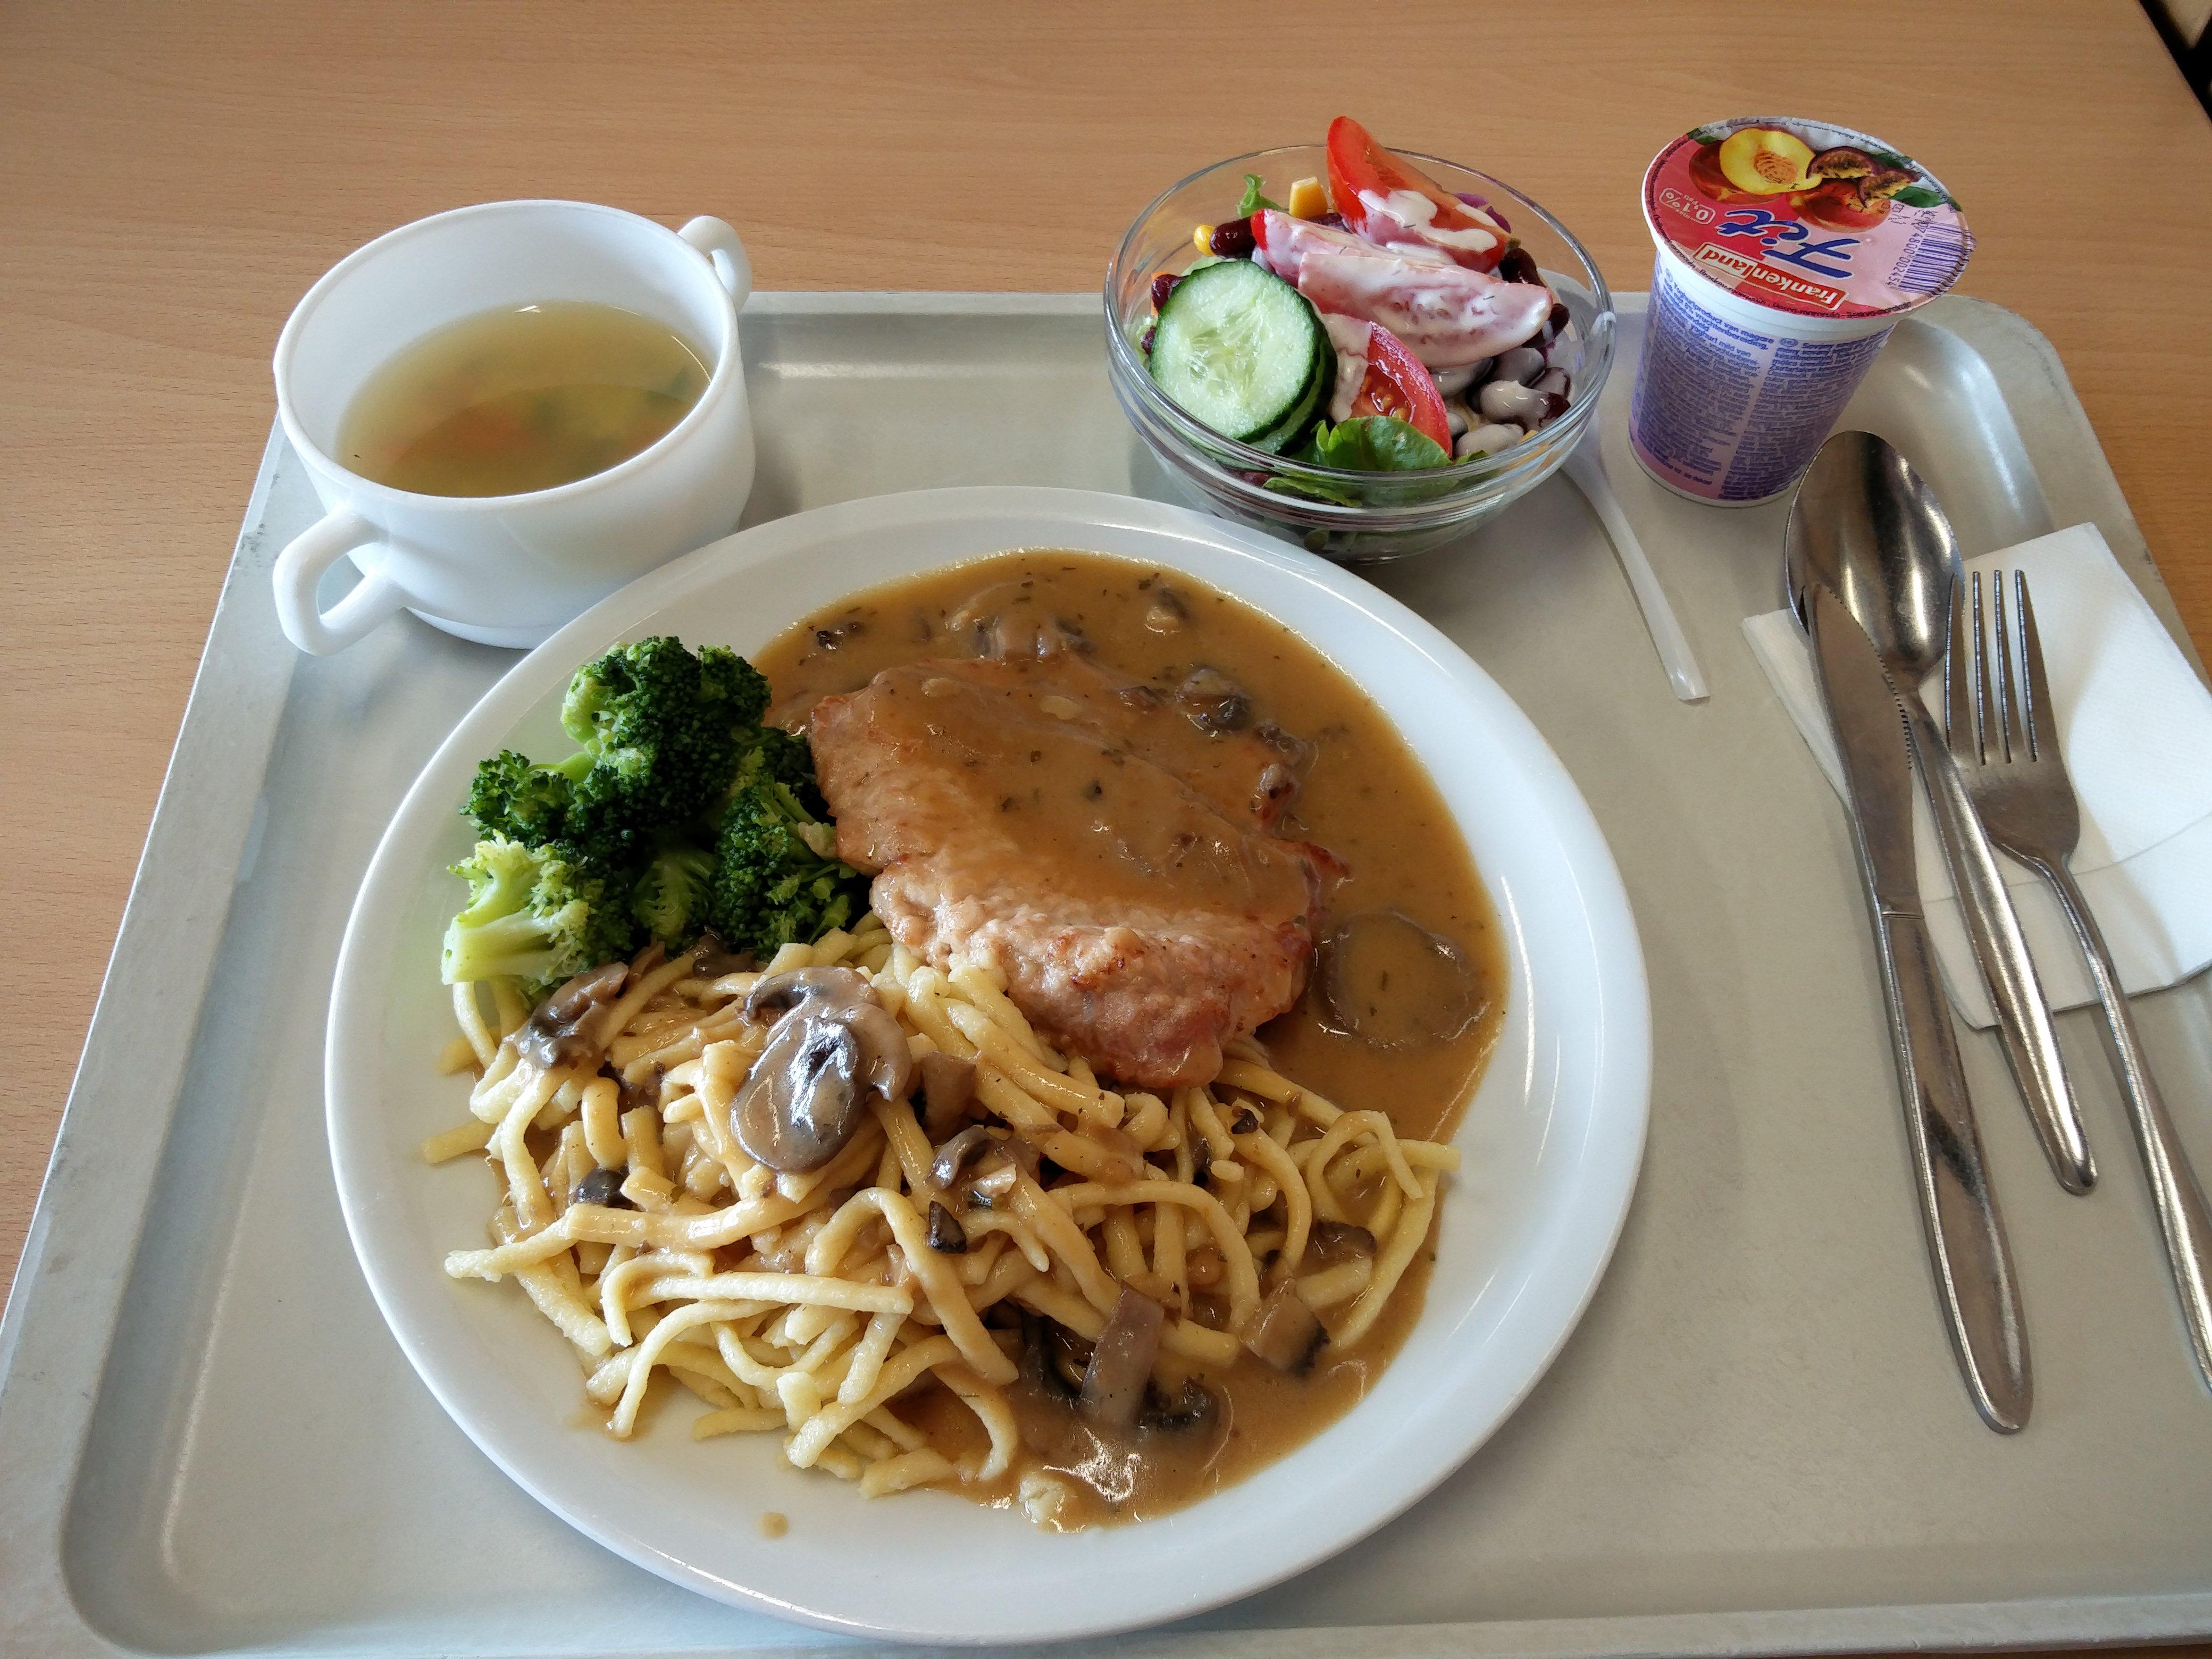 http://foodloader.net/nico_2016-07-26_schweinesteak-spaetzle-brokkoli-suppe-salat-und-joghurt.jpg